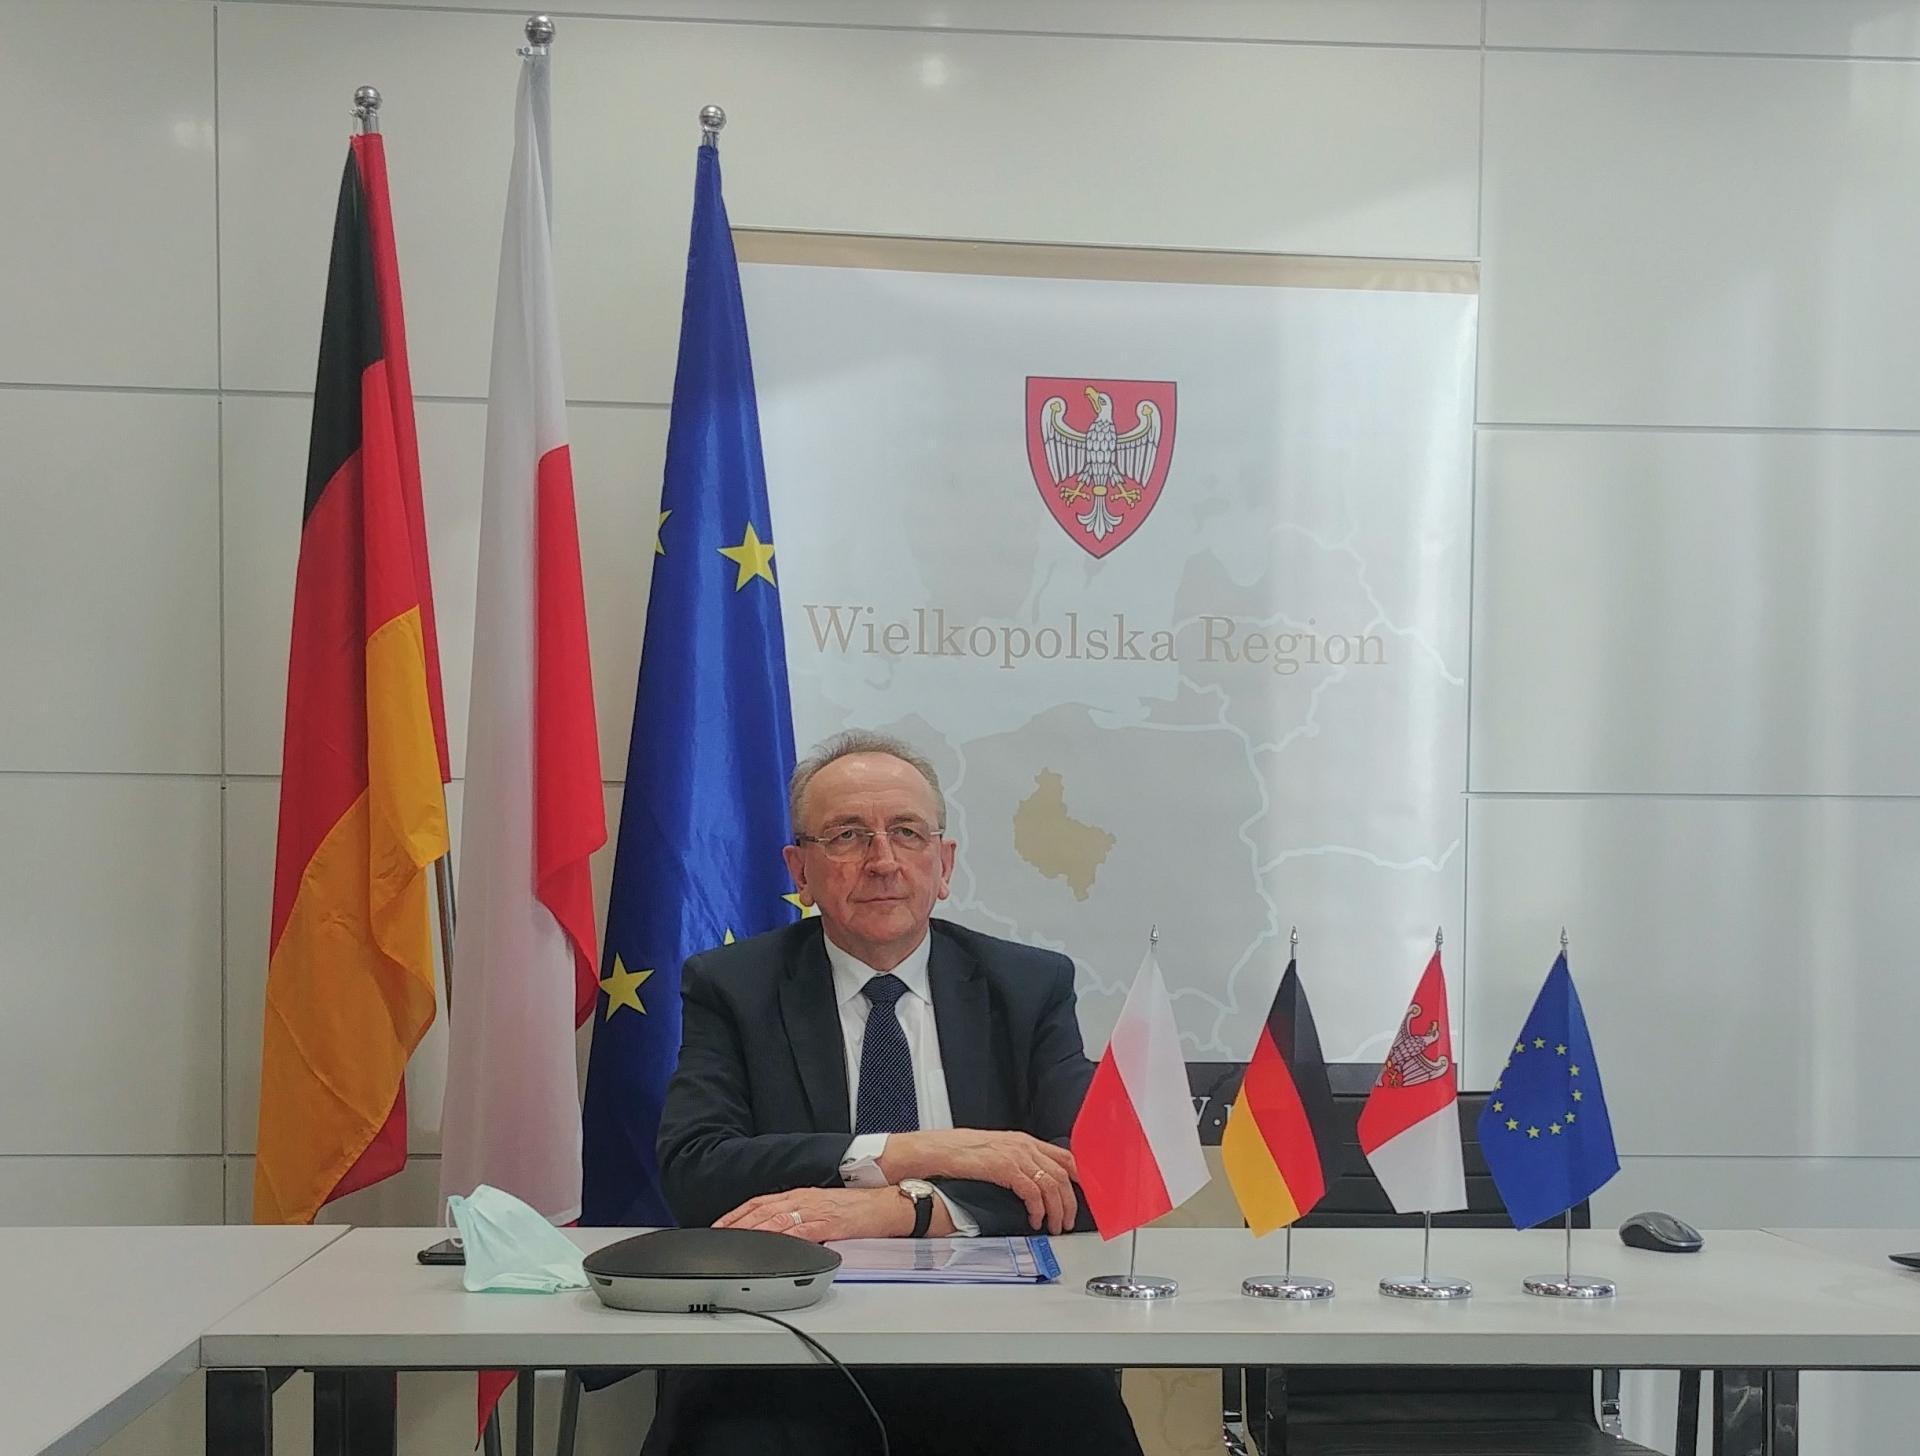 O przygranicznej współpracy polsko - niemieckiej w czasach pandemii- kliknij aby powiększyć